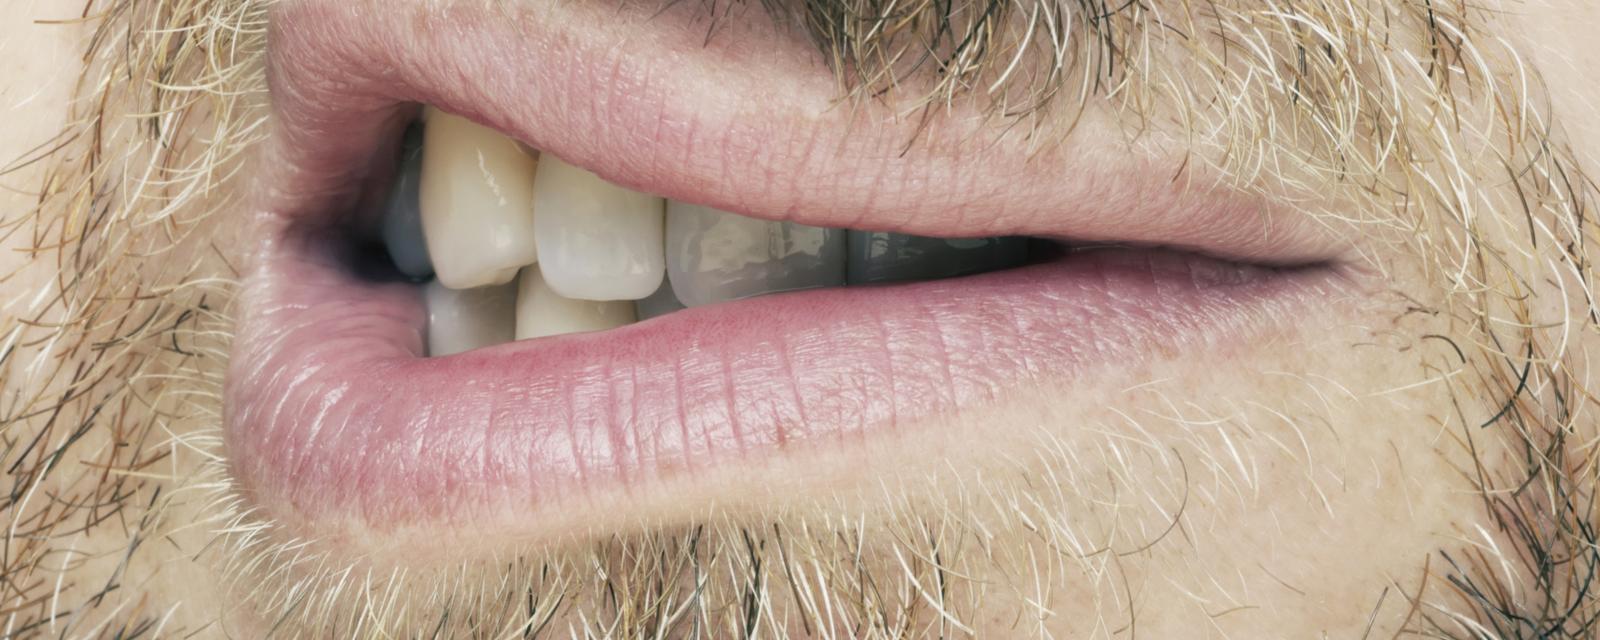 男人留胡子的真正原因[1]